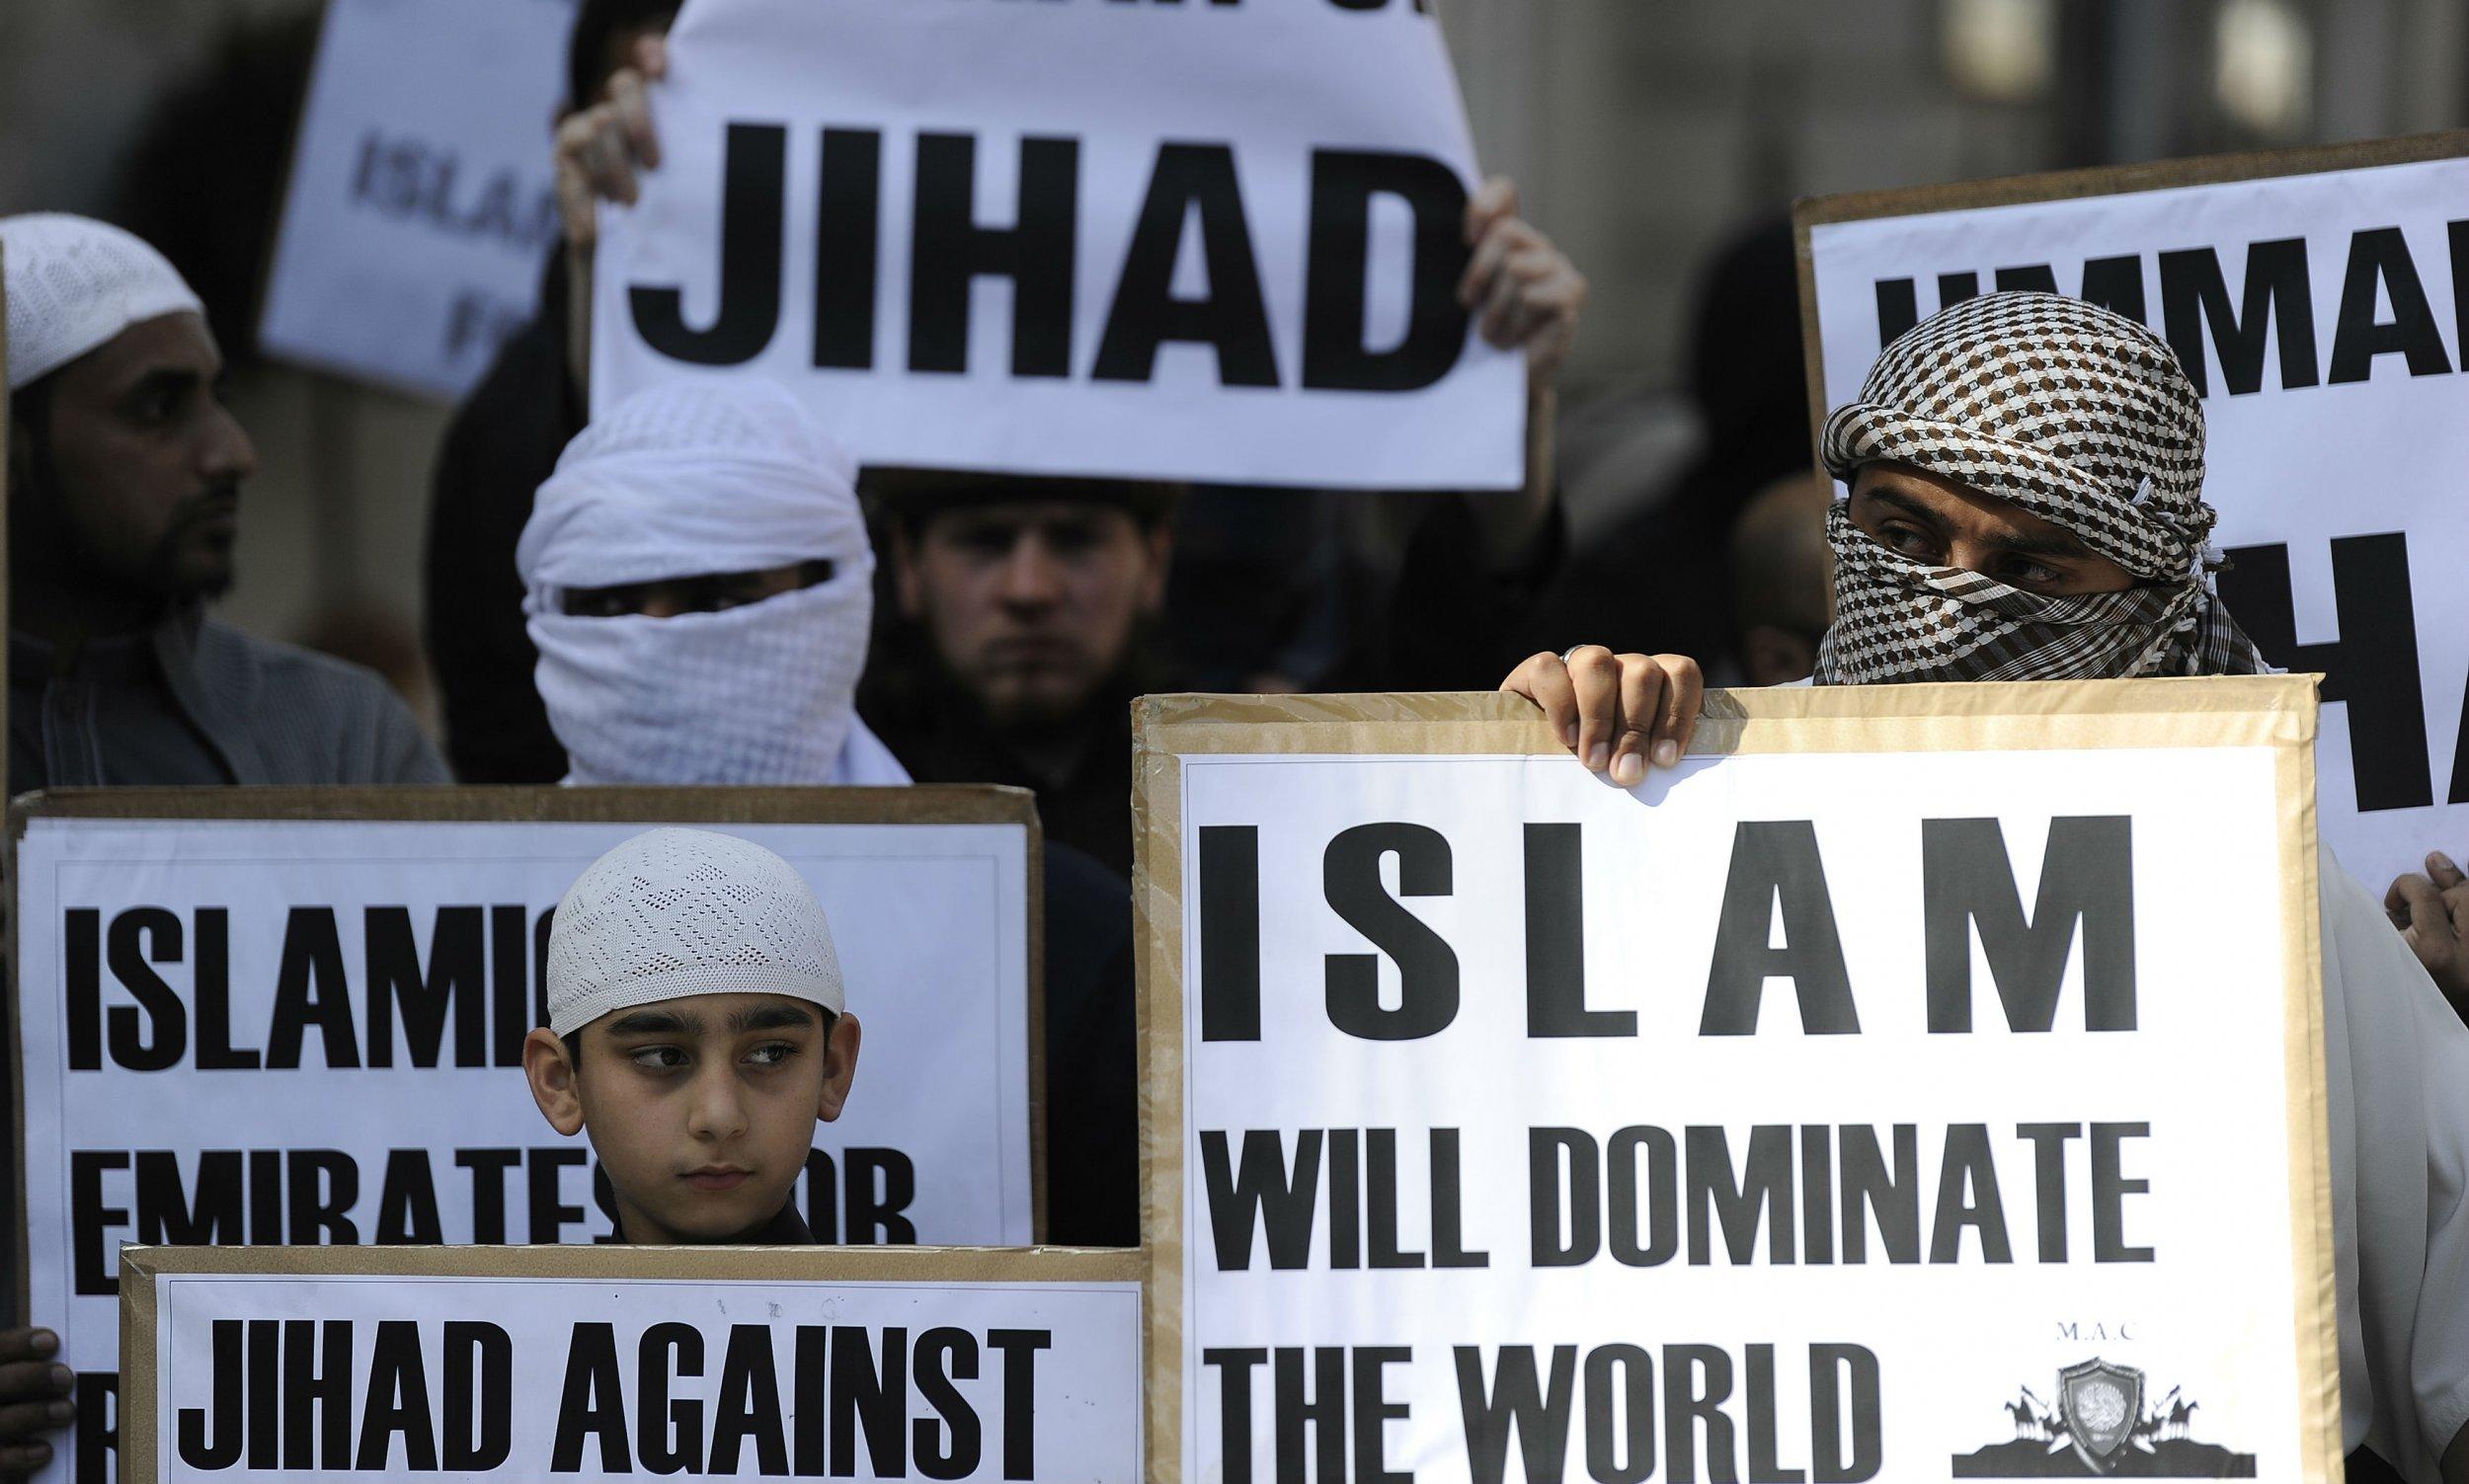 UK jihadis